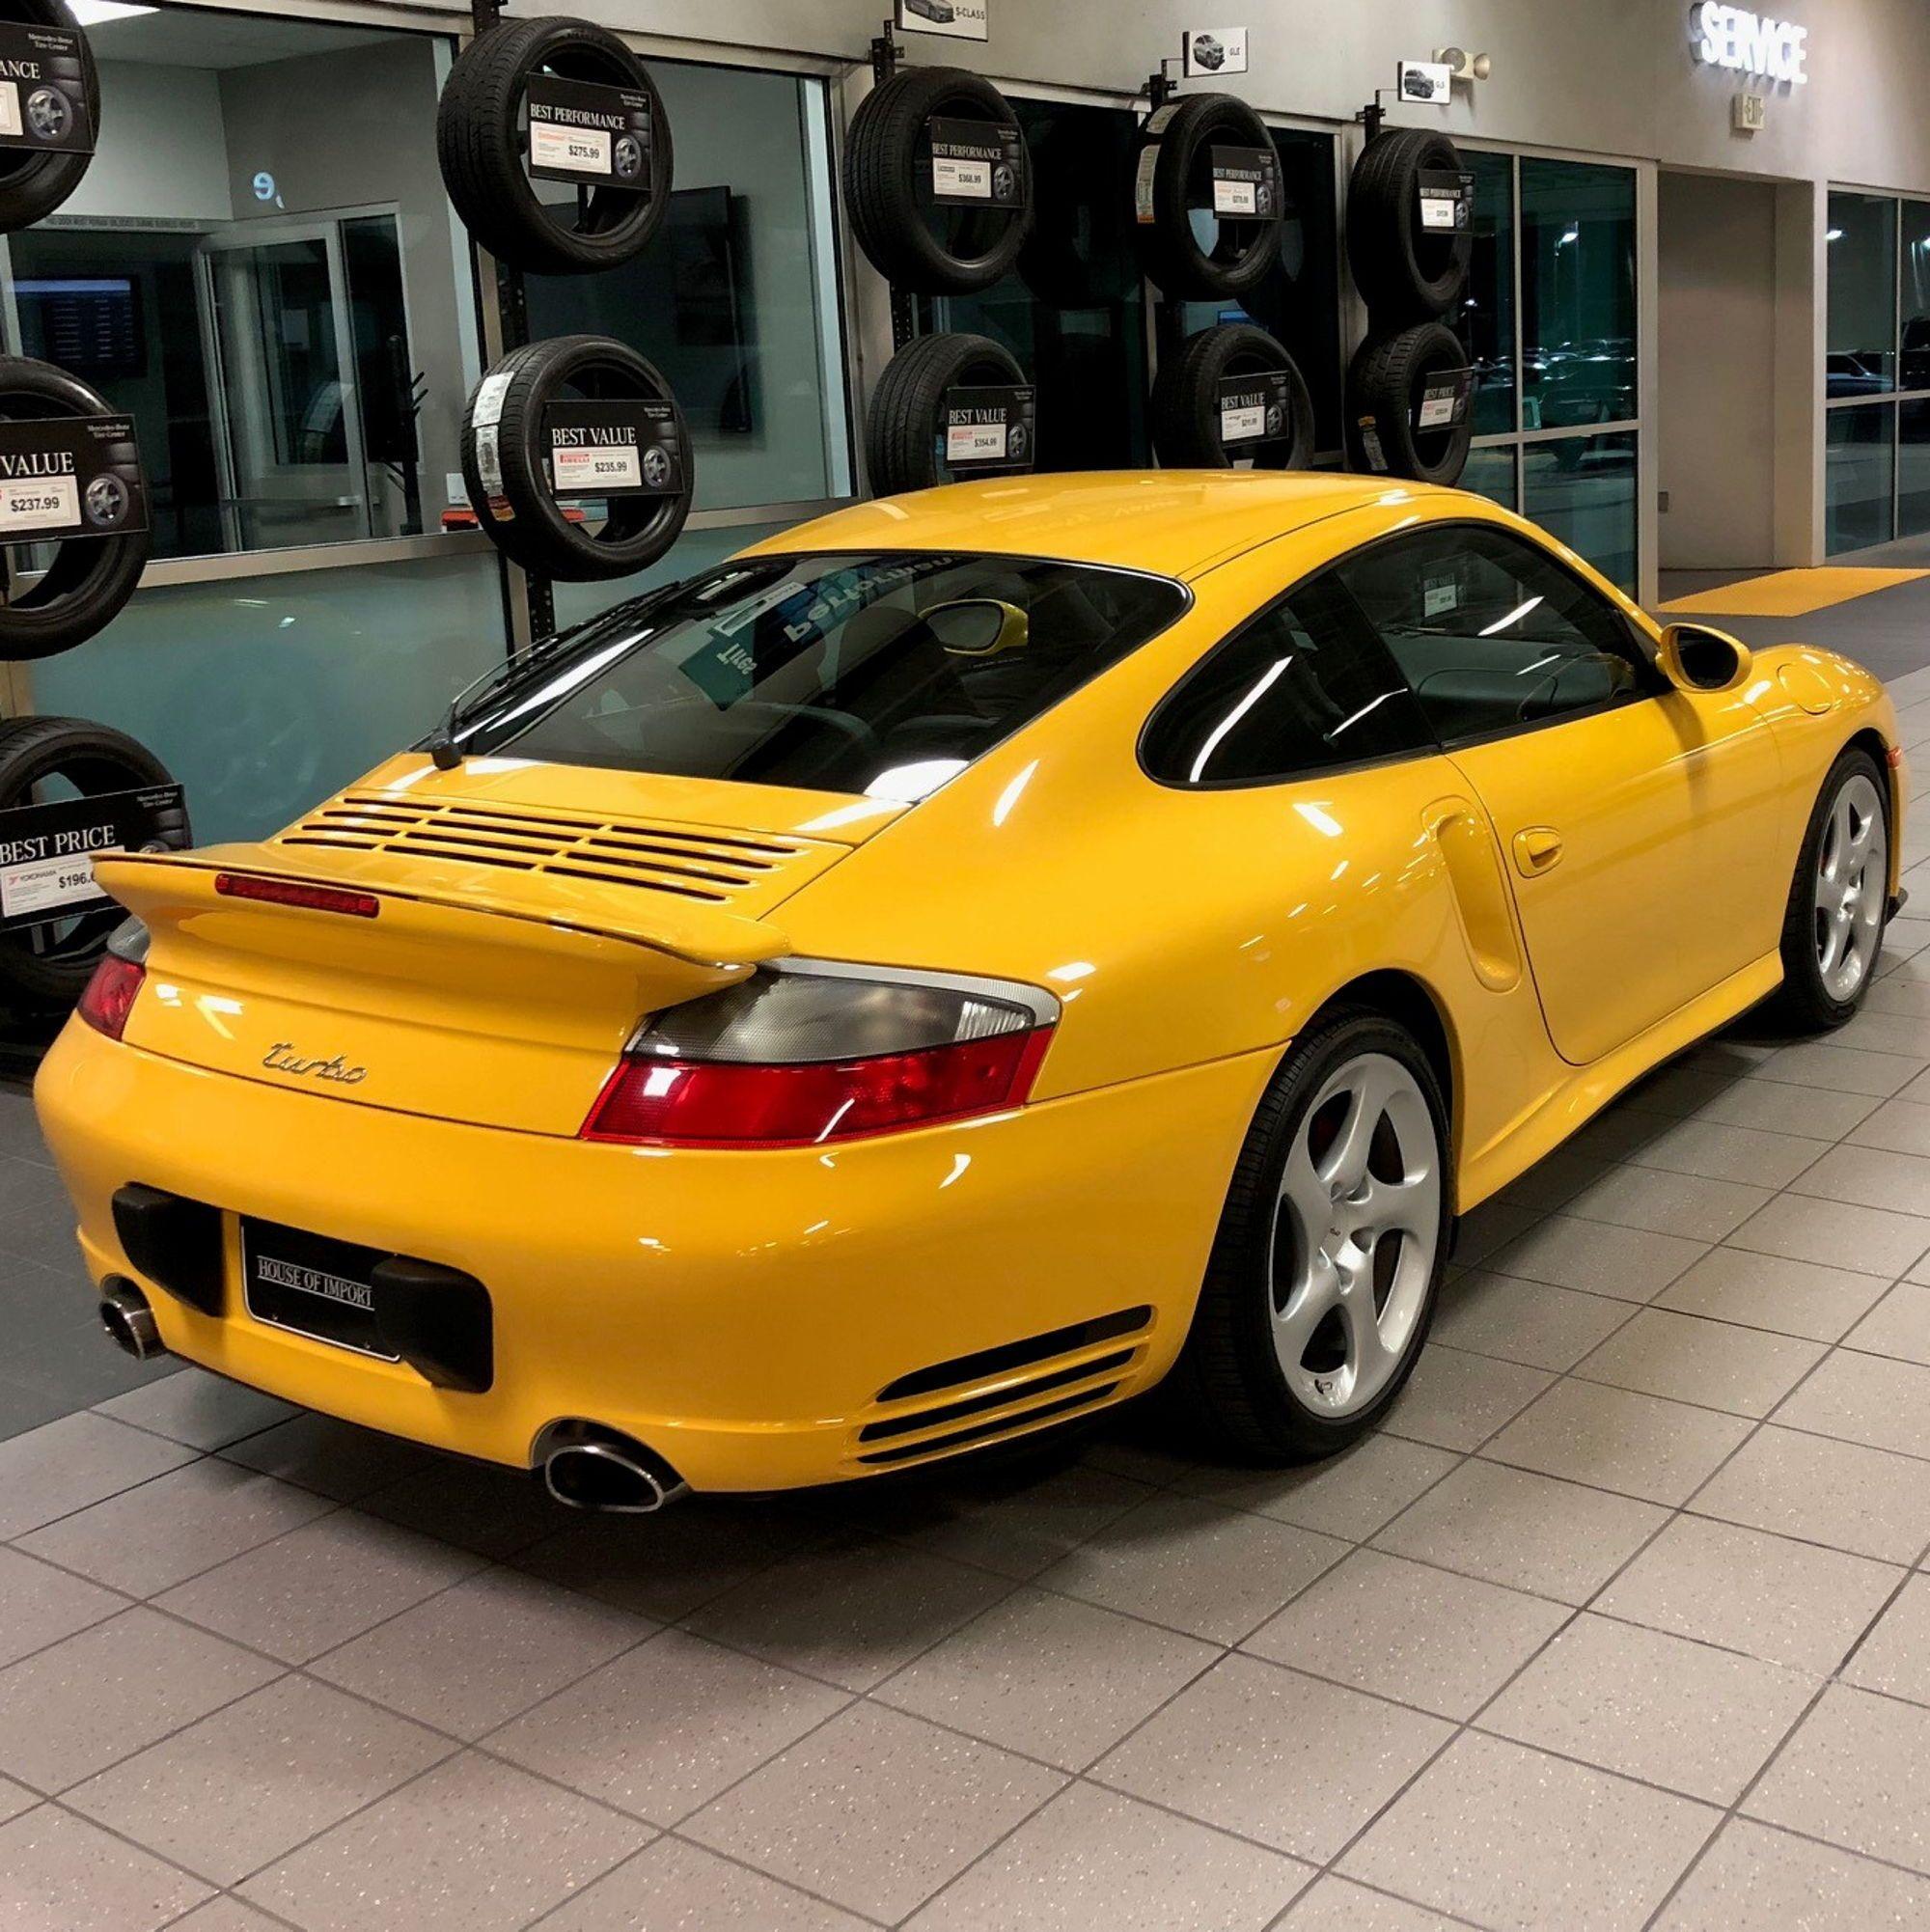 Porsche 996 Turbo >> 996 Turbo Speed Yellow Porsche Usa